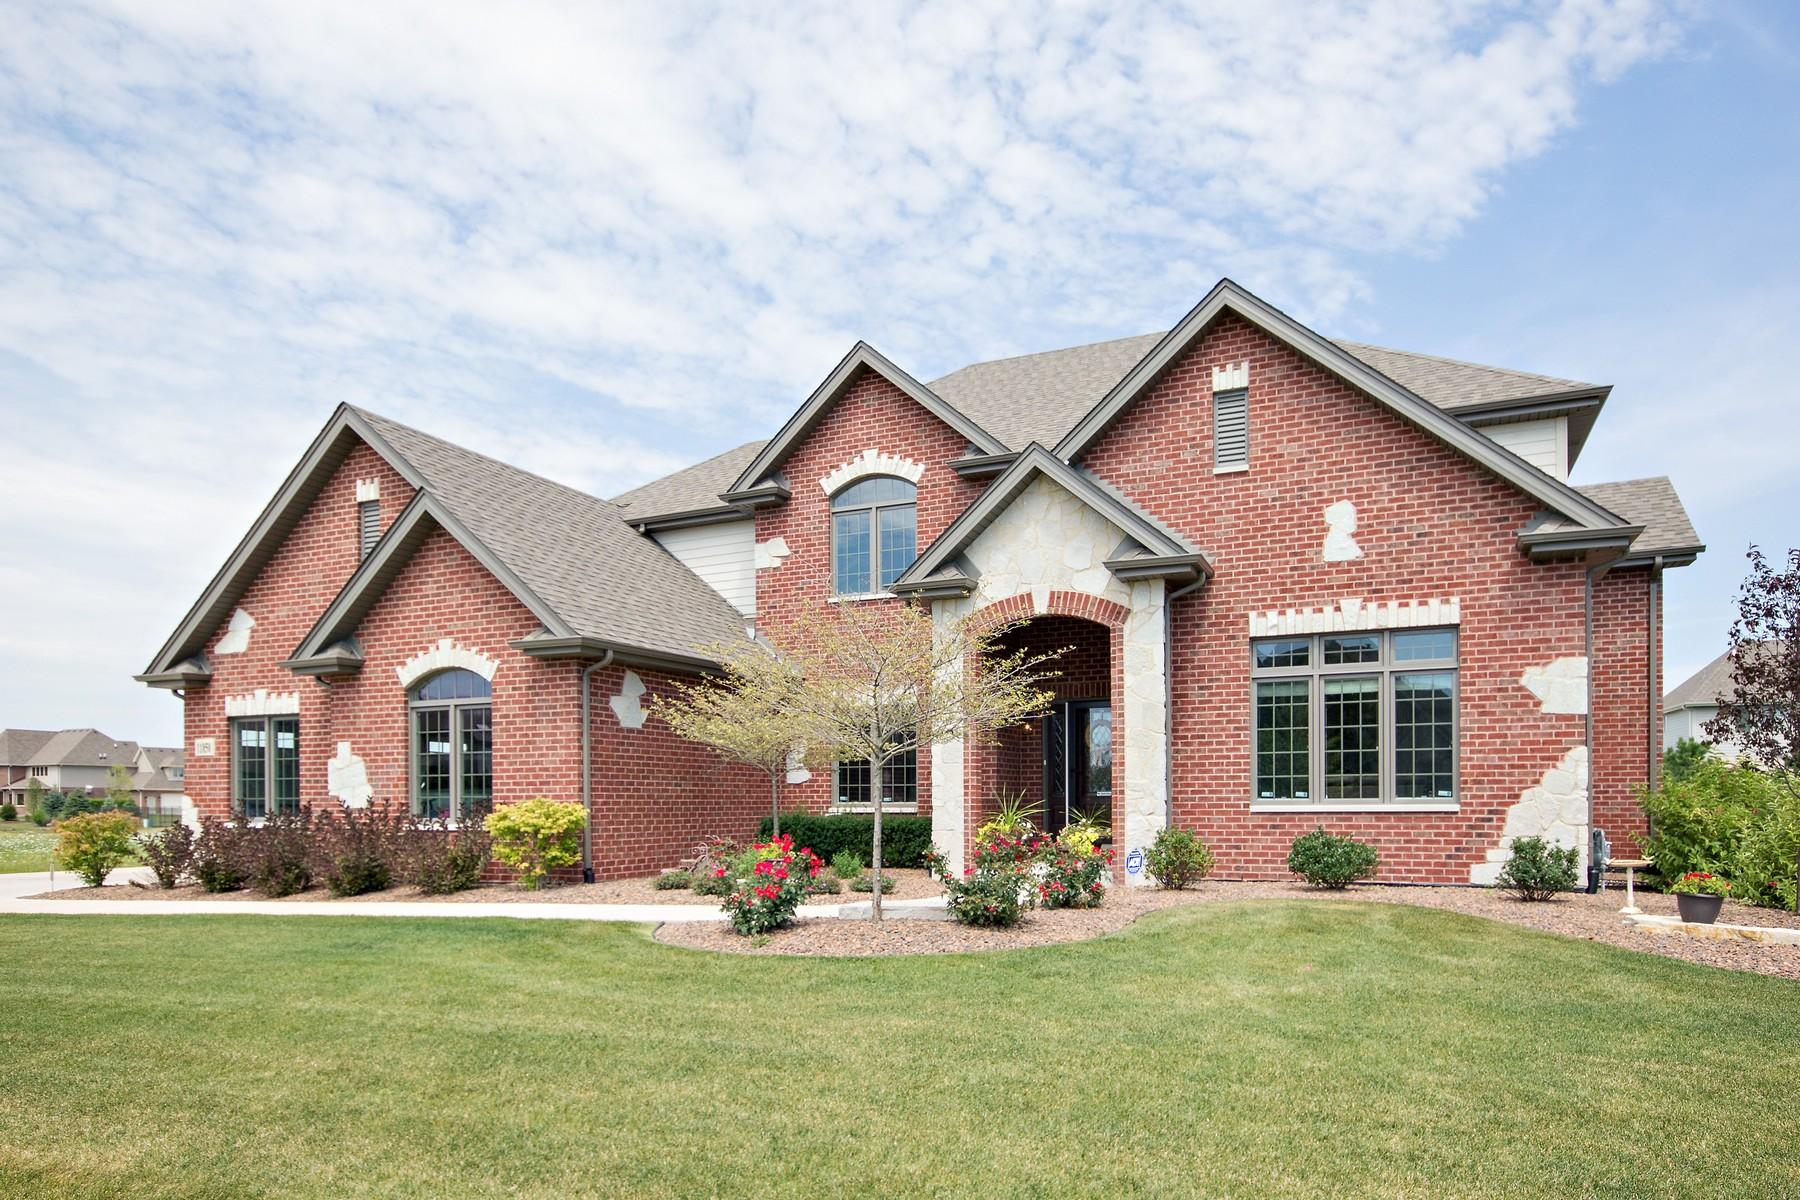 단독 가정 주택 용 매매 에 Unique Frankfort Home 11850 Alana Lane Frankfort, 일리노이즈 60423 미국